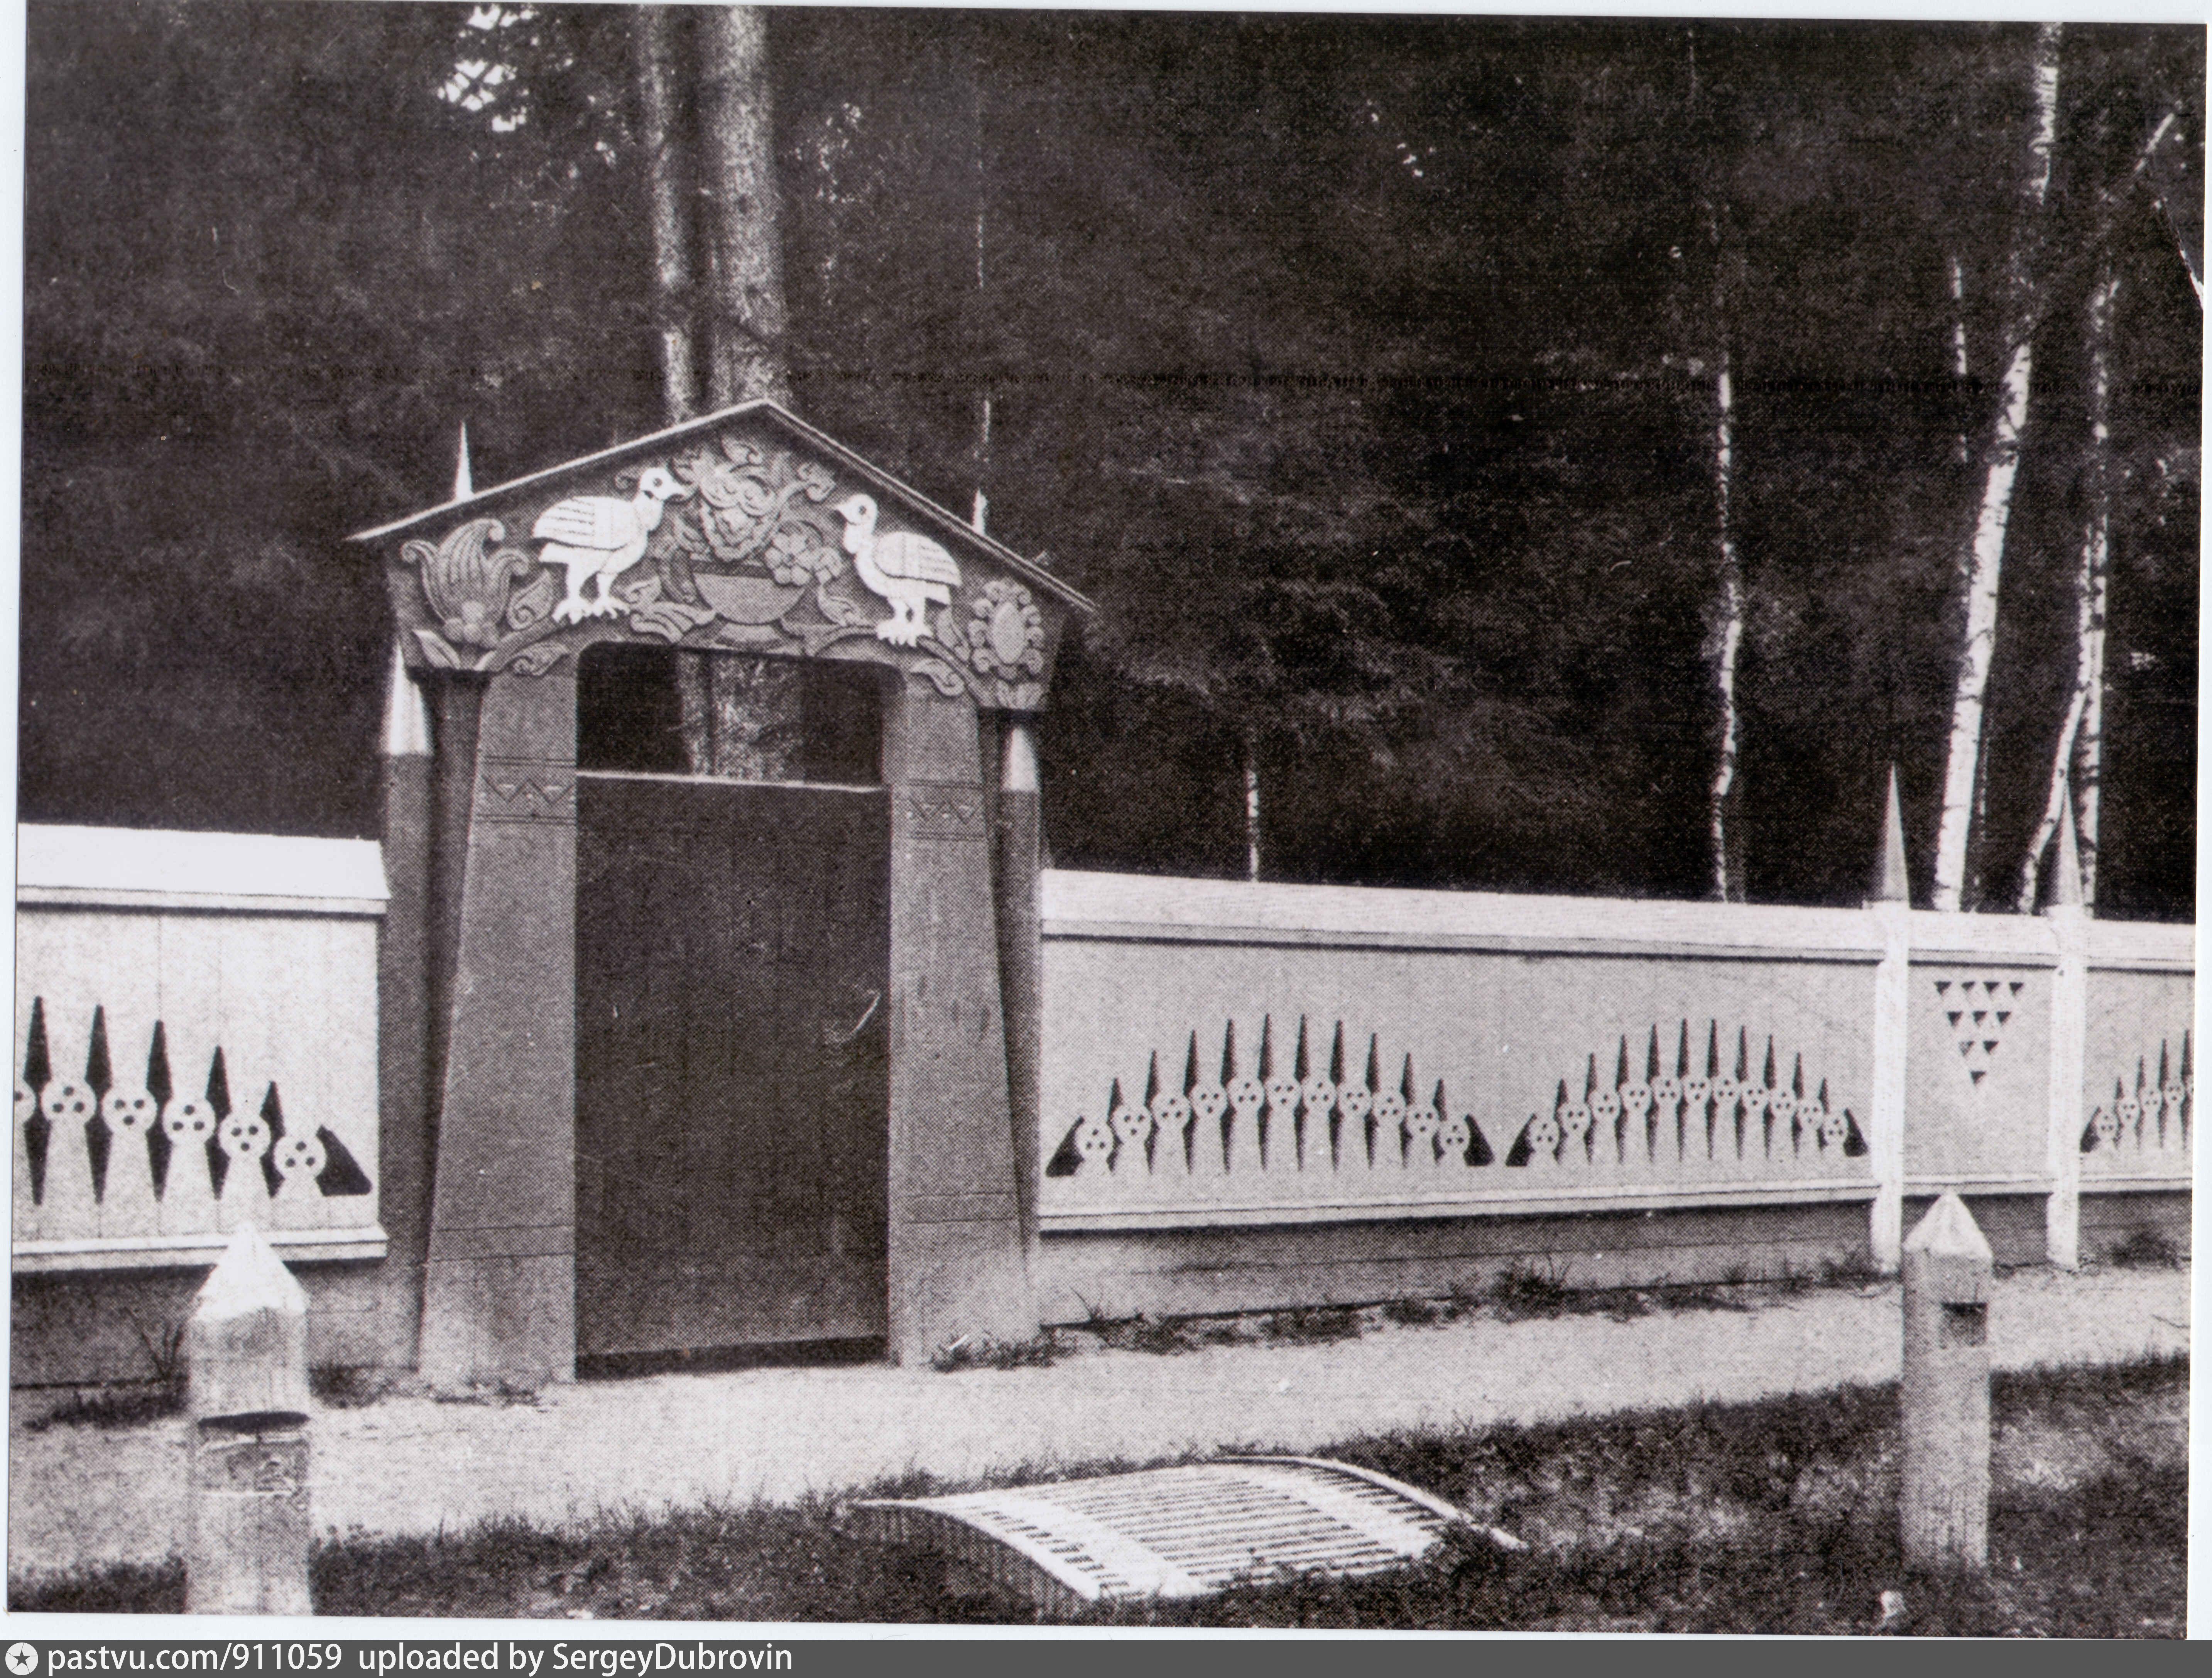 Калитка и забор. Фотография 1909 года.